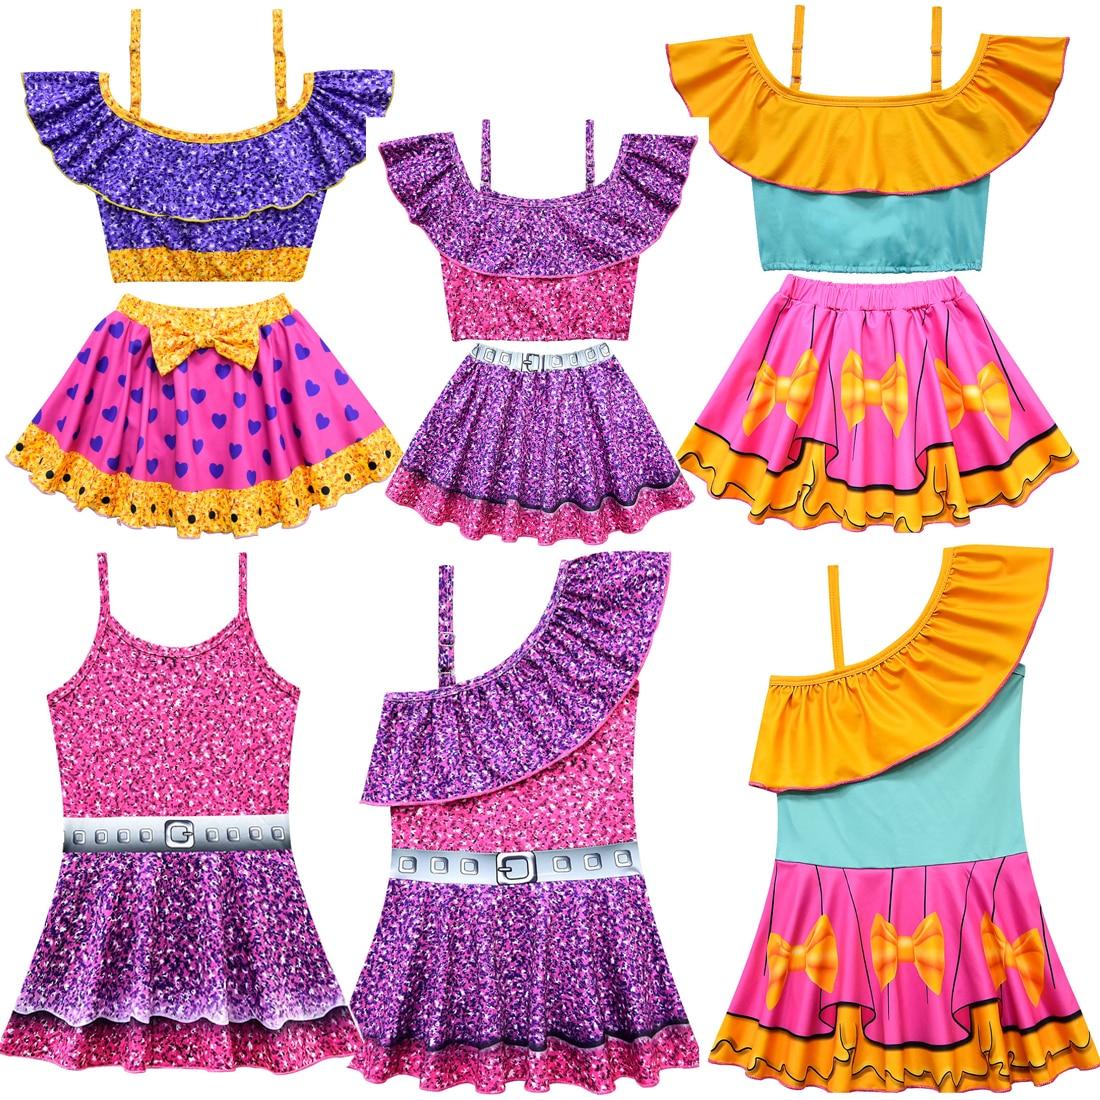 Summer Boutique Costume da Bagno Estivo per Spiaggia 3 Design Bikini Set Ballerina Vacanza Costume da Bagno Moana per Bambine